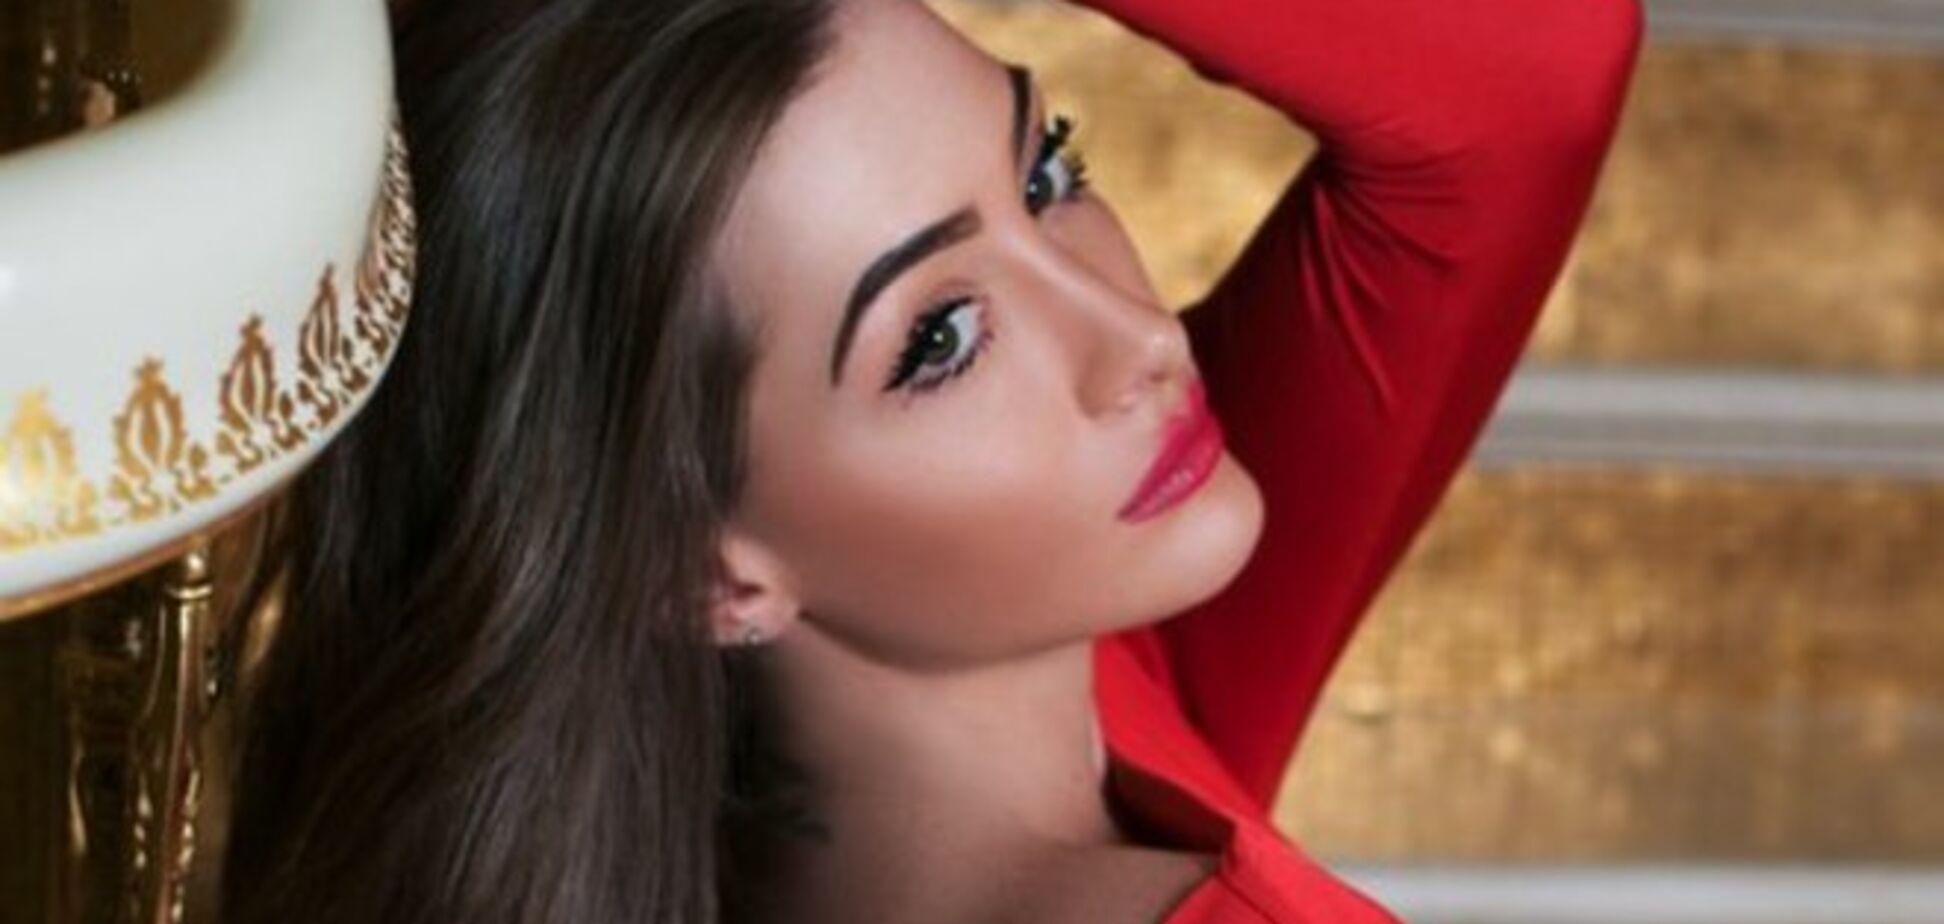 Дочь нардепа-олигарха Жвании показала секси-фото в нижнем белье